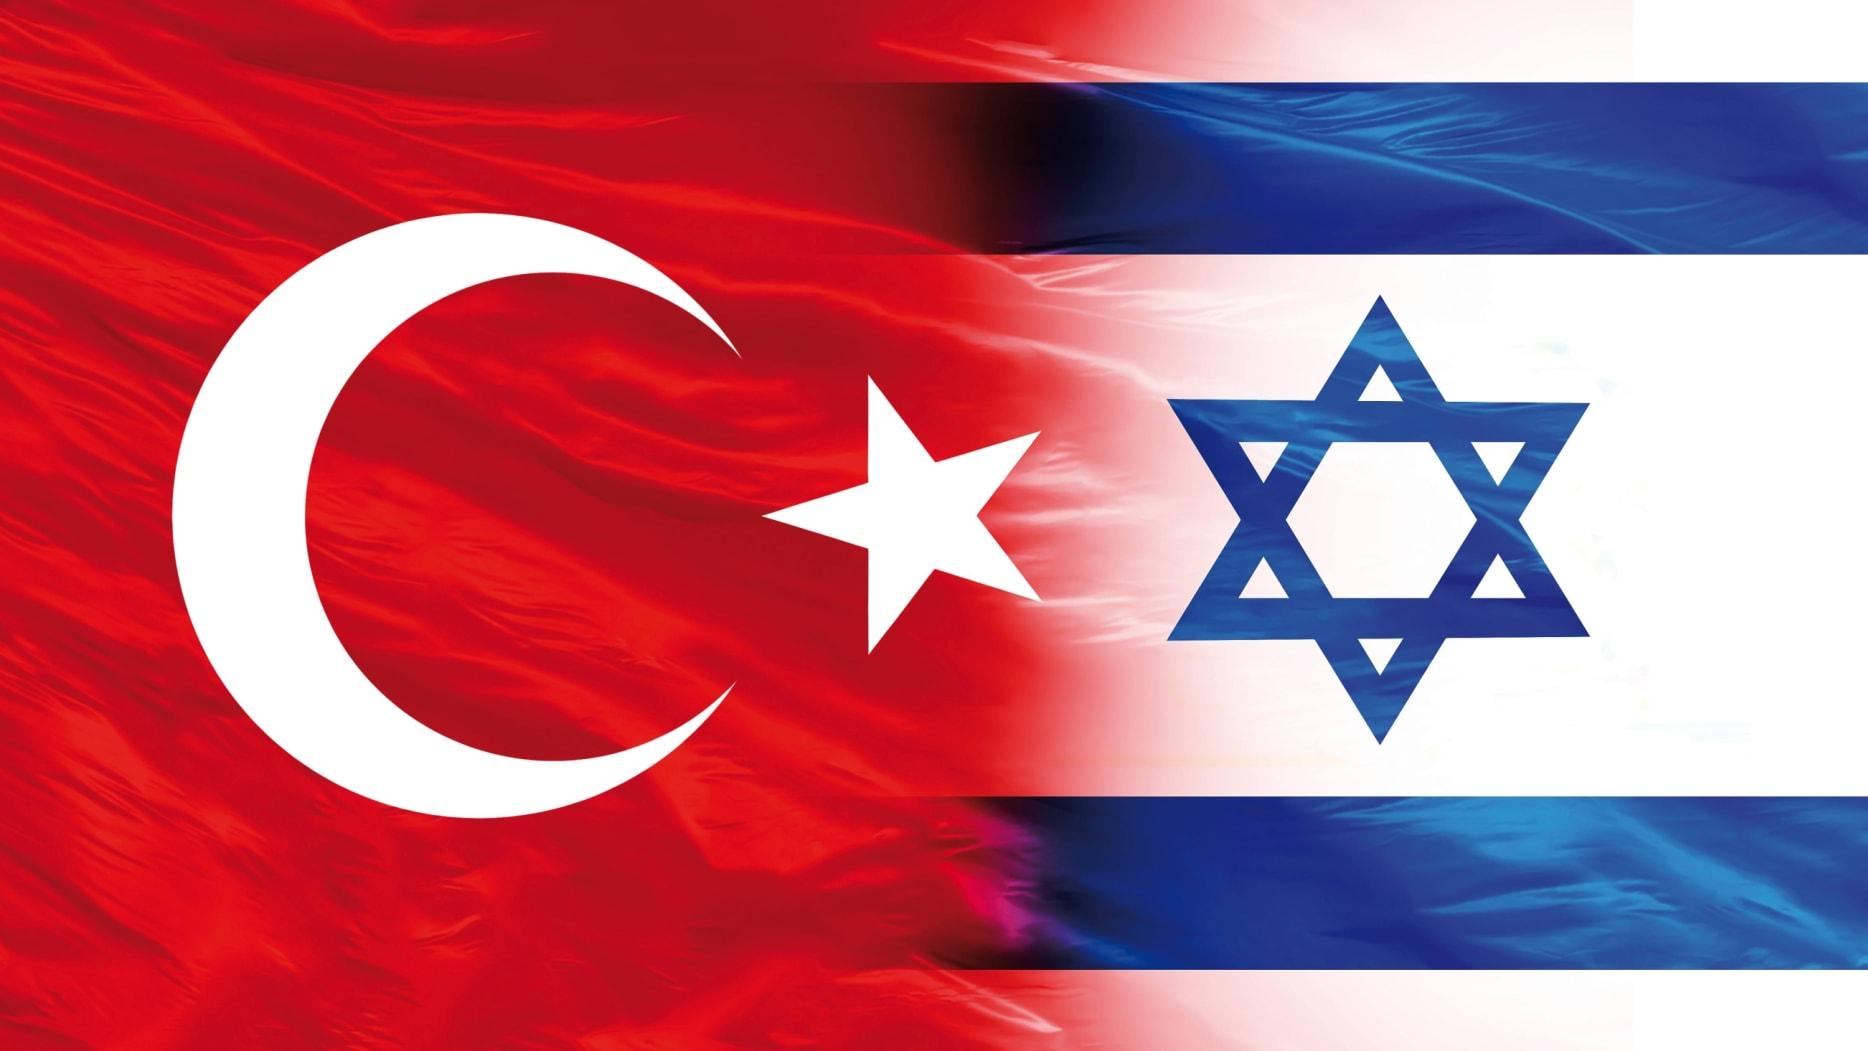 דרכון פורטוגלי ליוצאי טורקיה